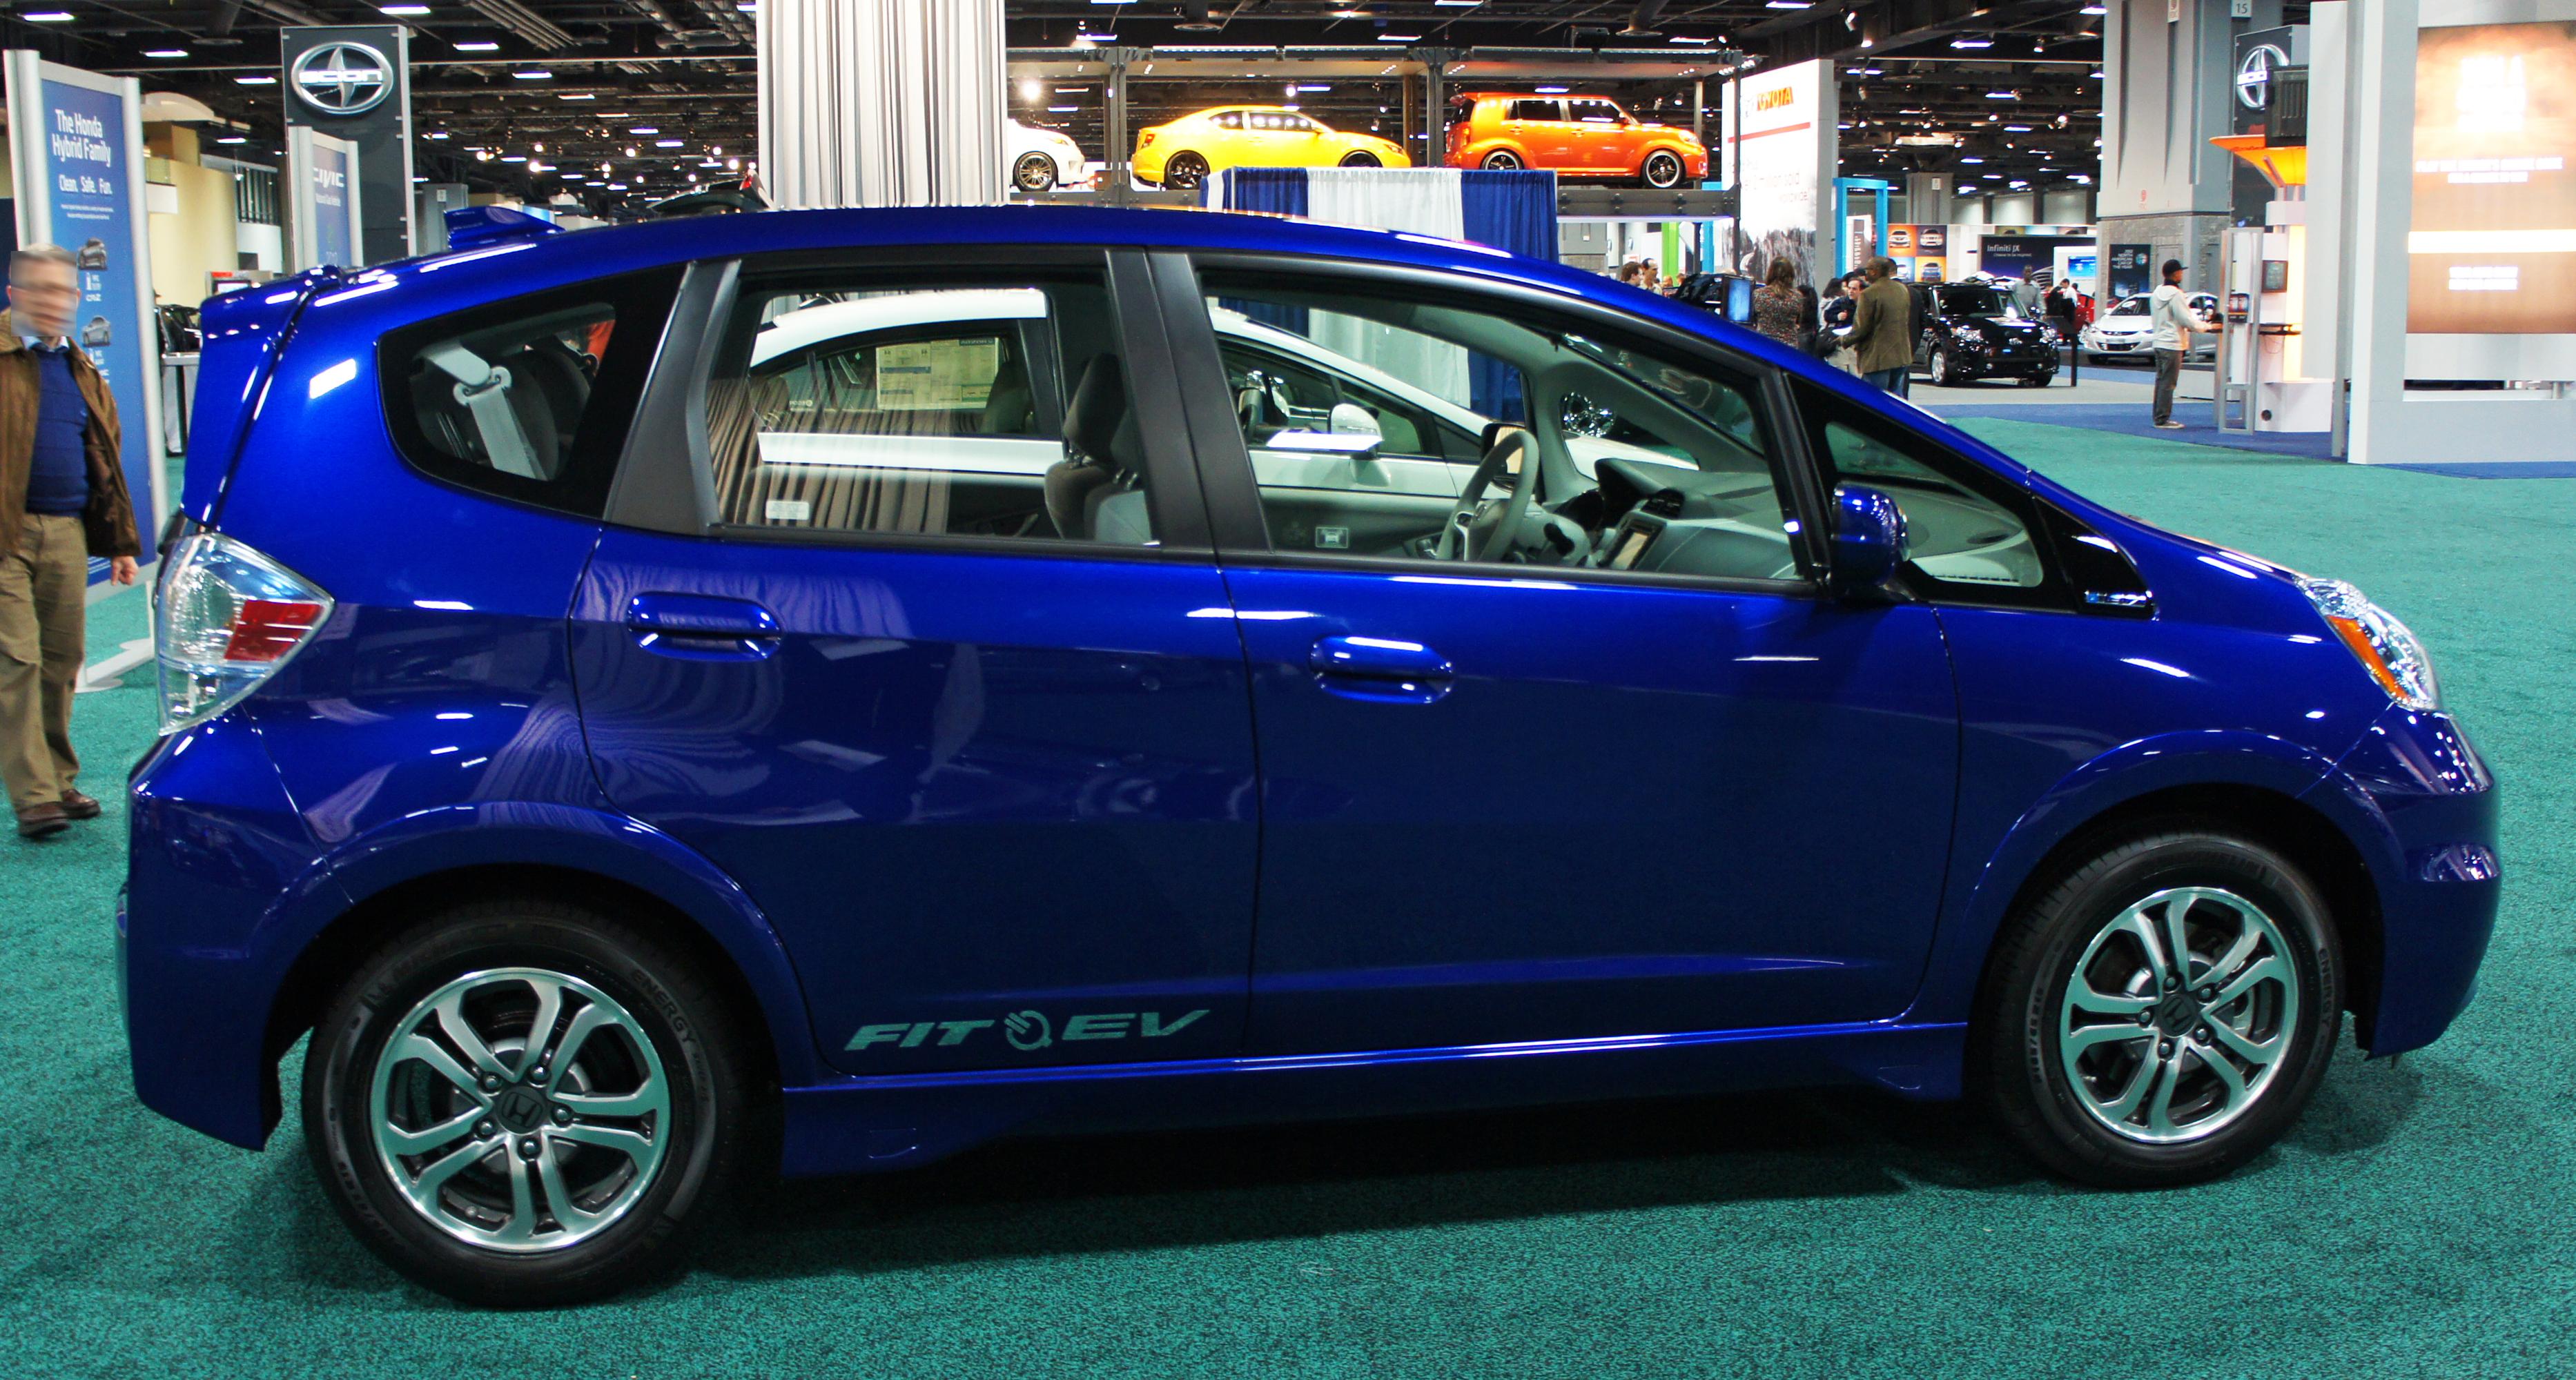 File:Honda Fit EV WAS 2012 0769.JPG